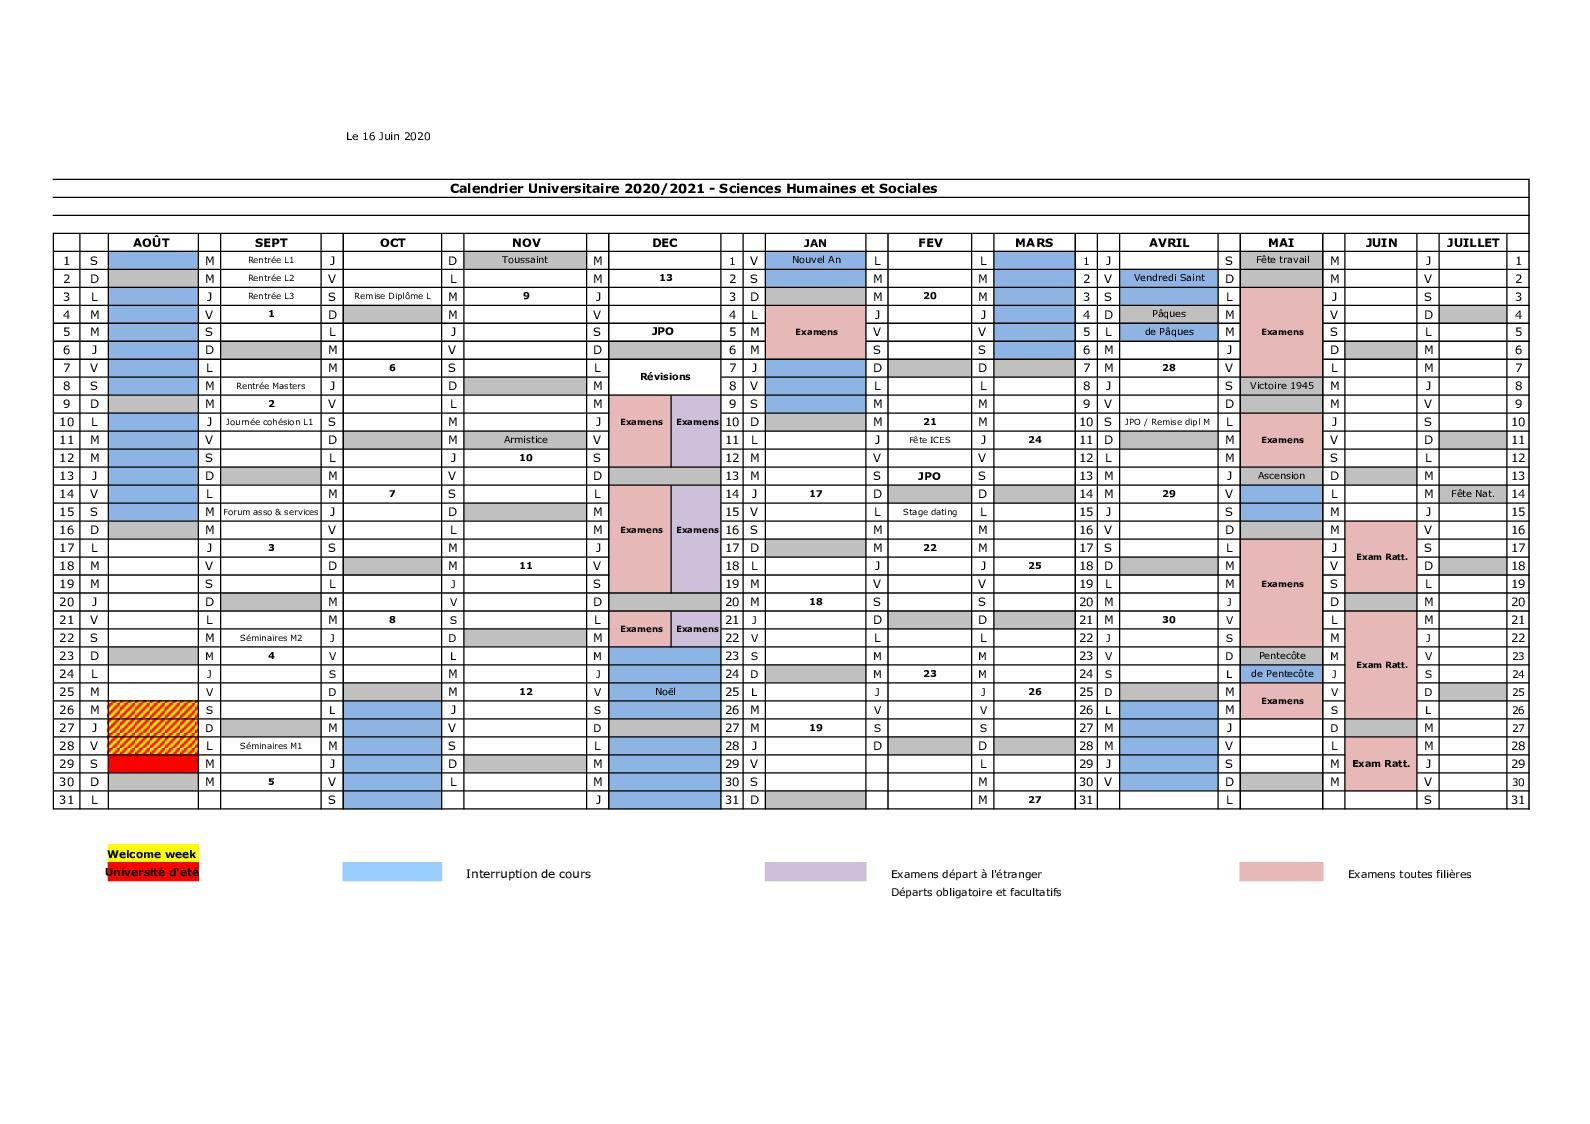 Calendrier Universitaire La Rochelle 2022 2023 Calendrier Universitaire